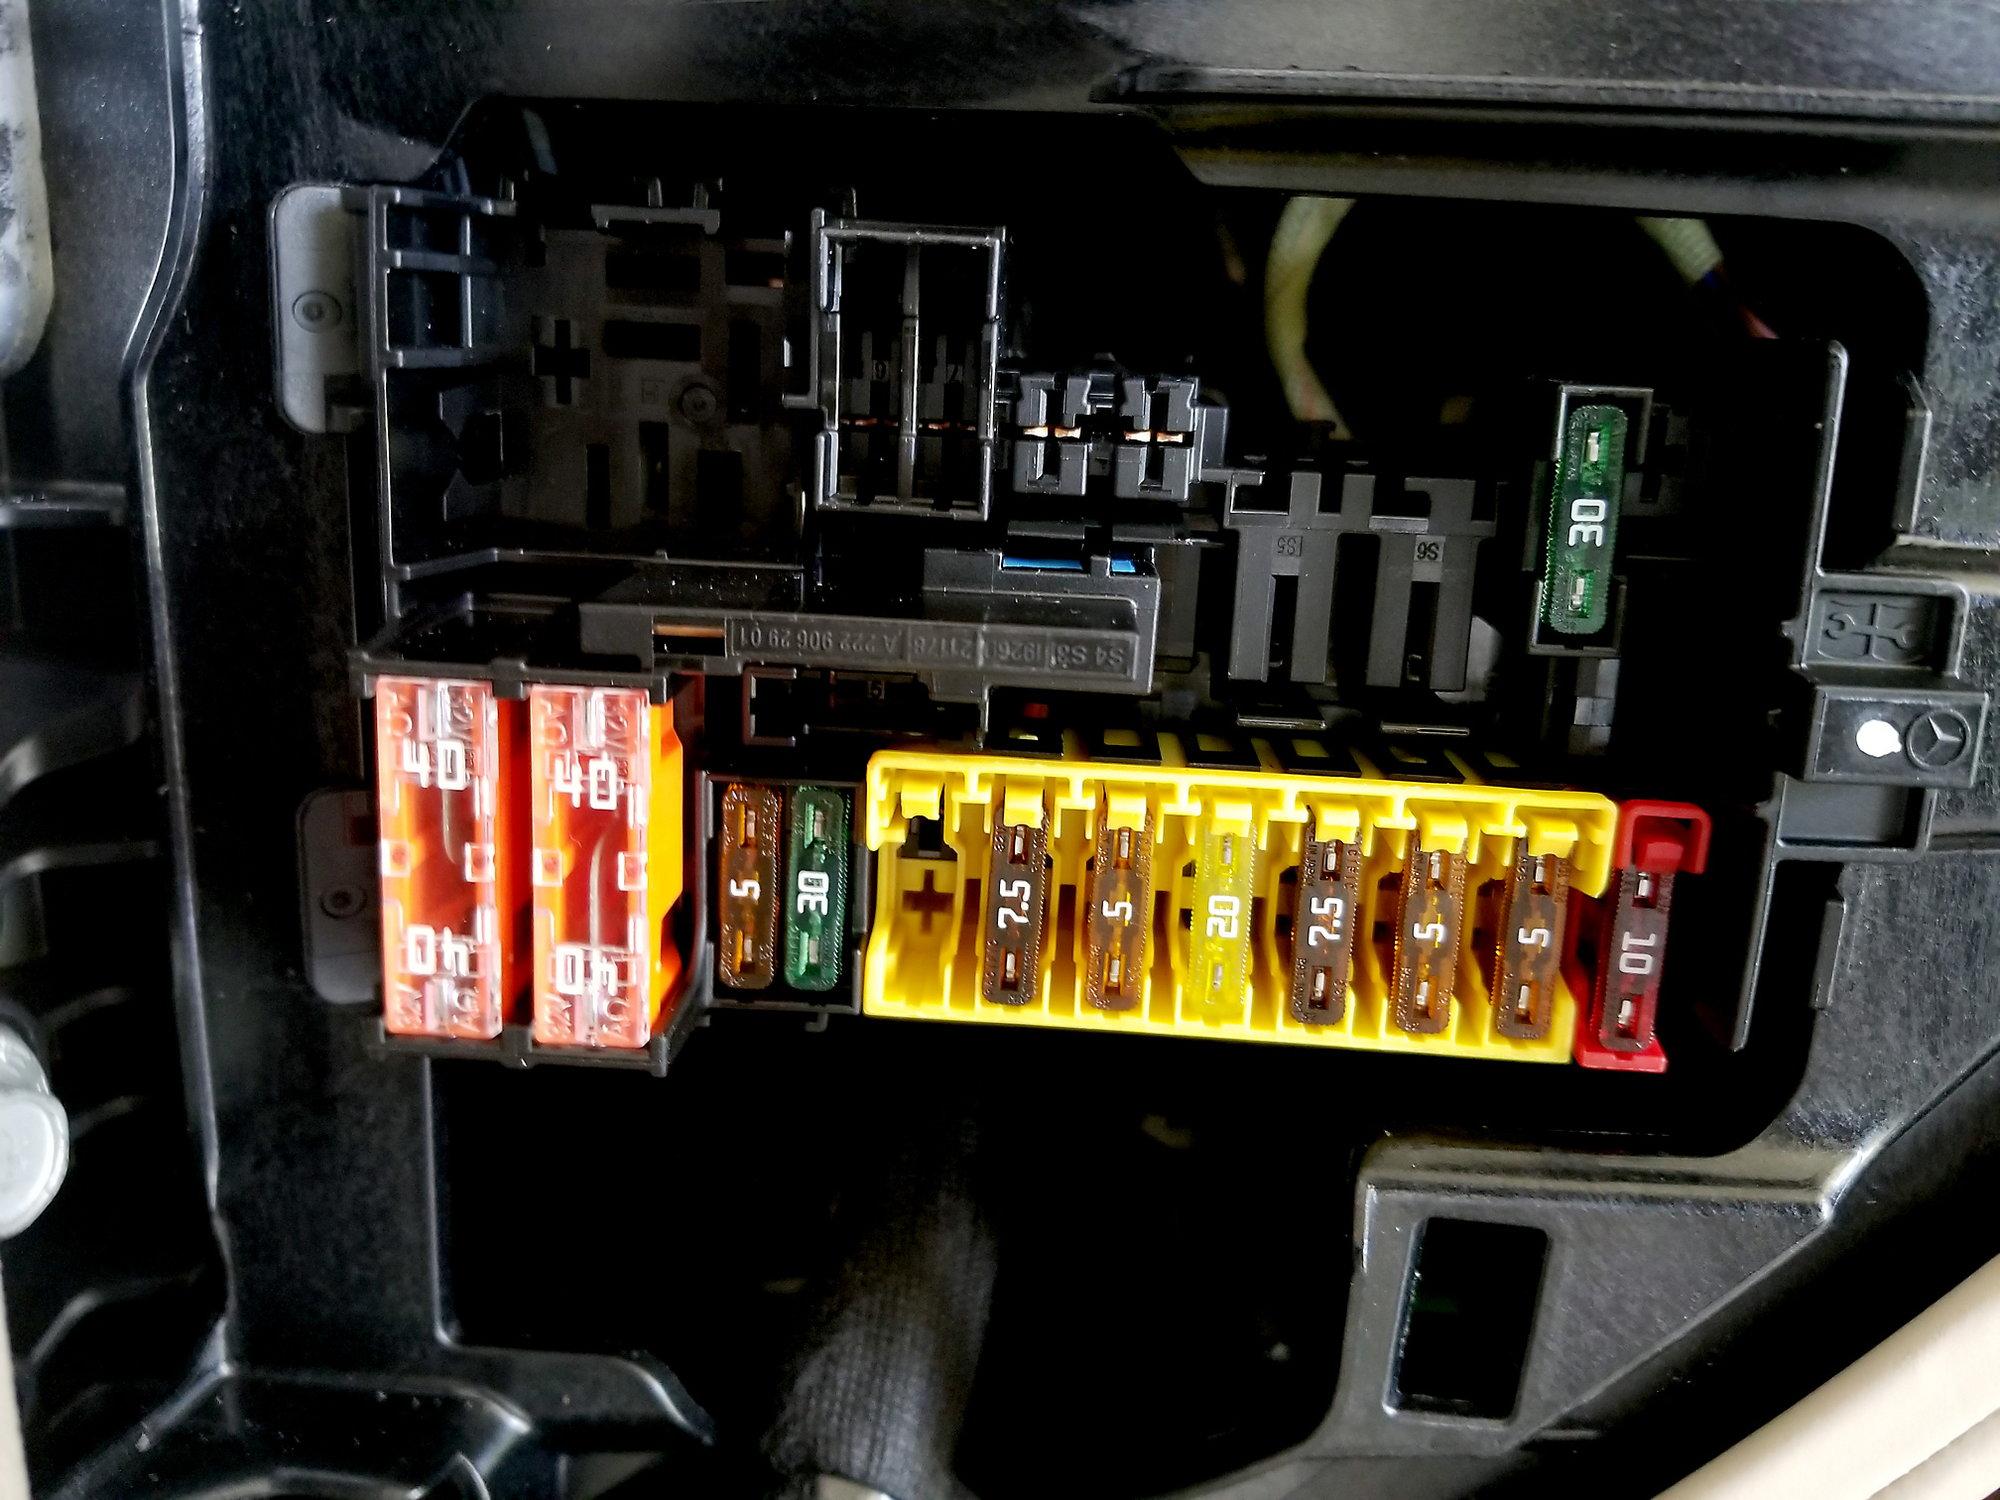 27EB75B 07 09 W221 Merced3es S550 S600 Dashboard Left Fuse Box ... 07 09 W221 Merced3es S550 S600 Dashboard Left Fuse Box Relay Wiring Library